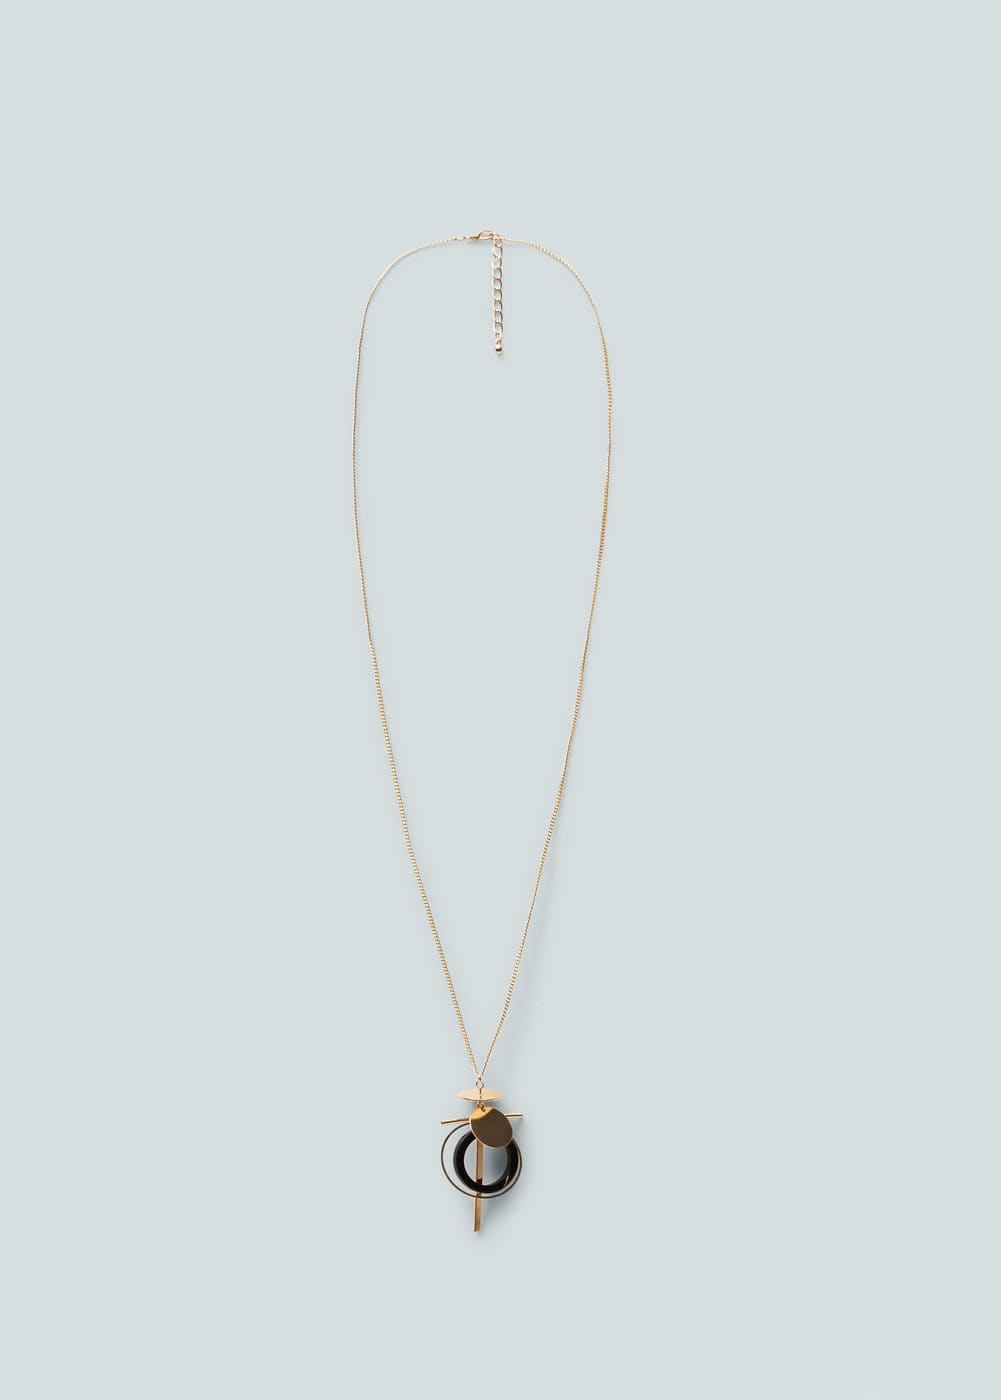 金属细链, 混合元素项链, 几何图案项链, 金属质感, 卡宾细链搭扣.